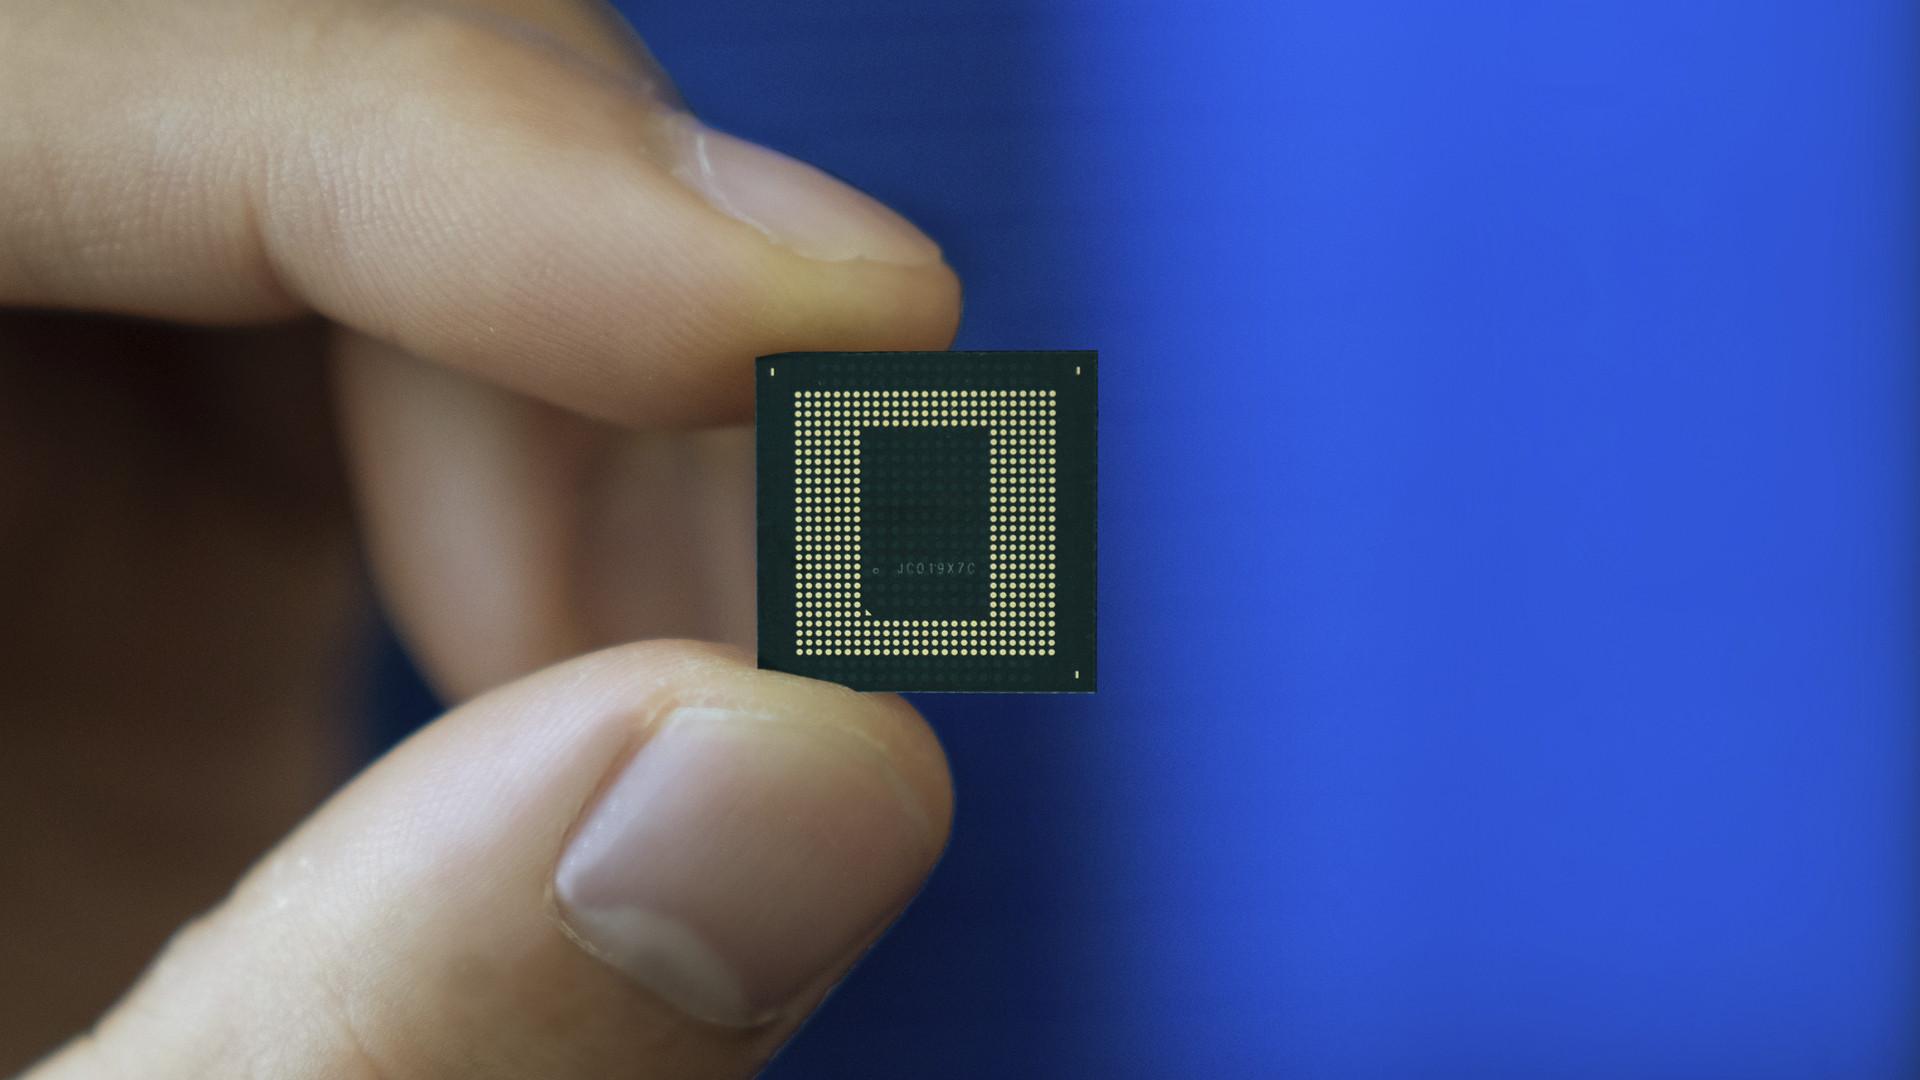 Qualcomm phát triển biến thể Snapdragon 888 thấp cấp; SoC flagship sắp tới đi kèm công nghệ từ Leica